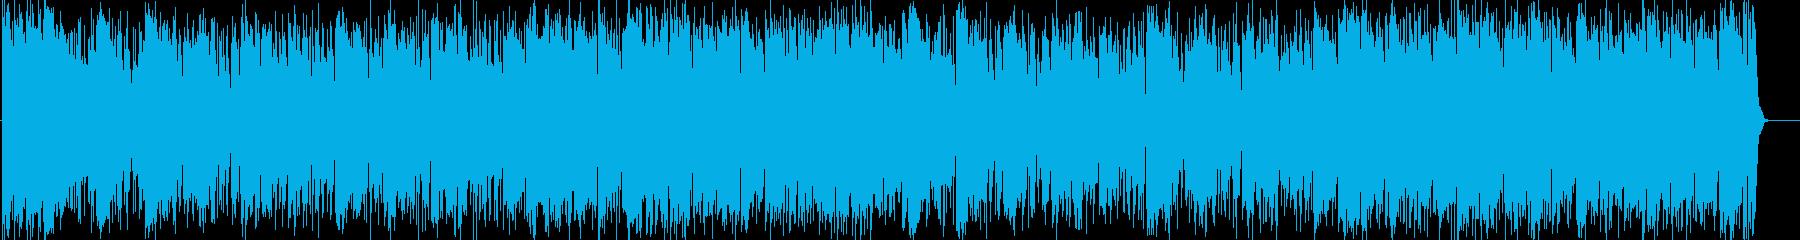 サックスによる大人なフュージョンの再生済みの波形